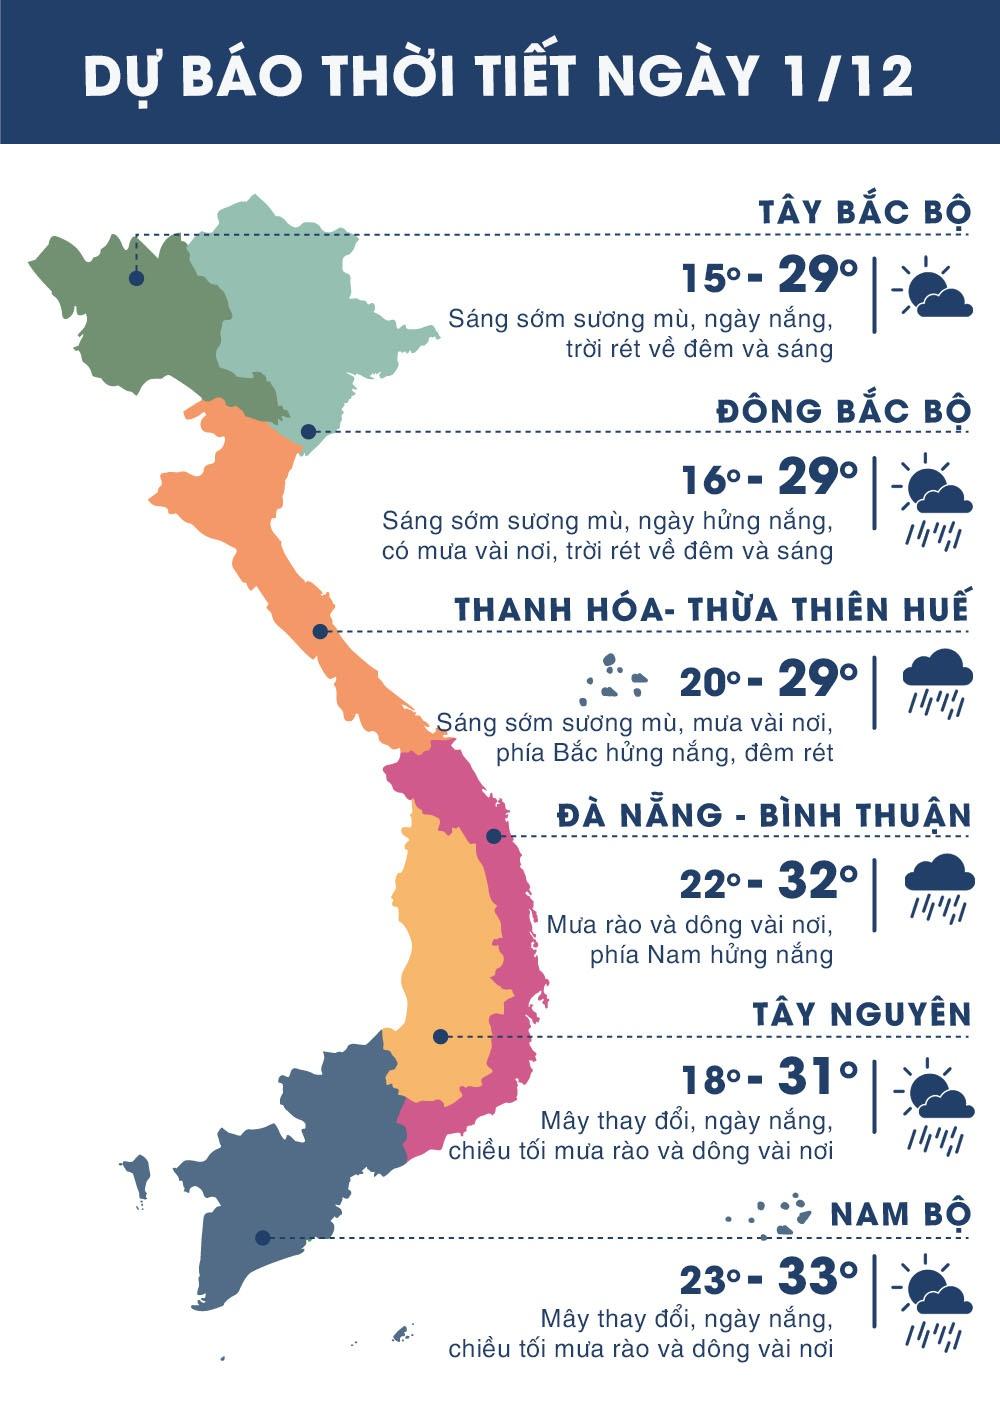 Thời tiết ngày 1/12: Sài Gòn nắng nóng 34 độ C